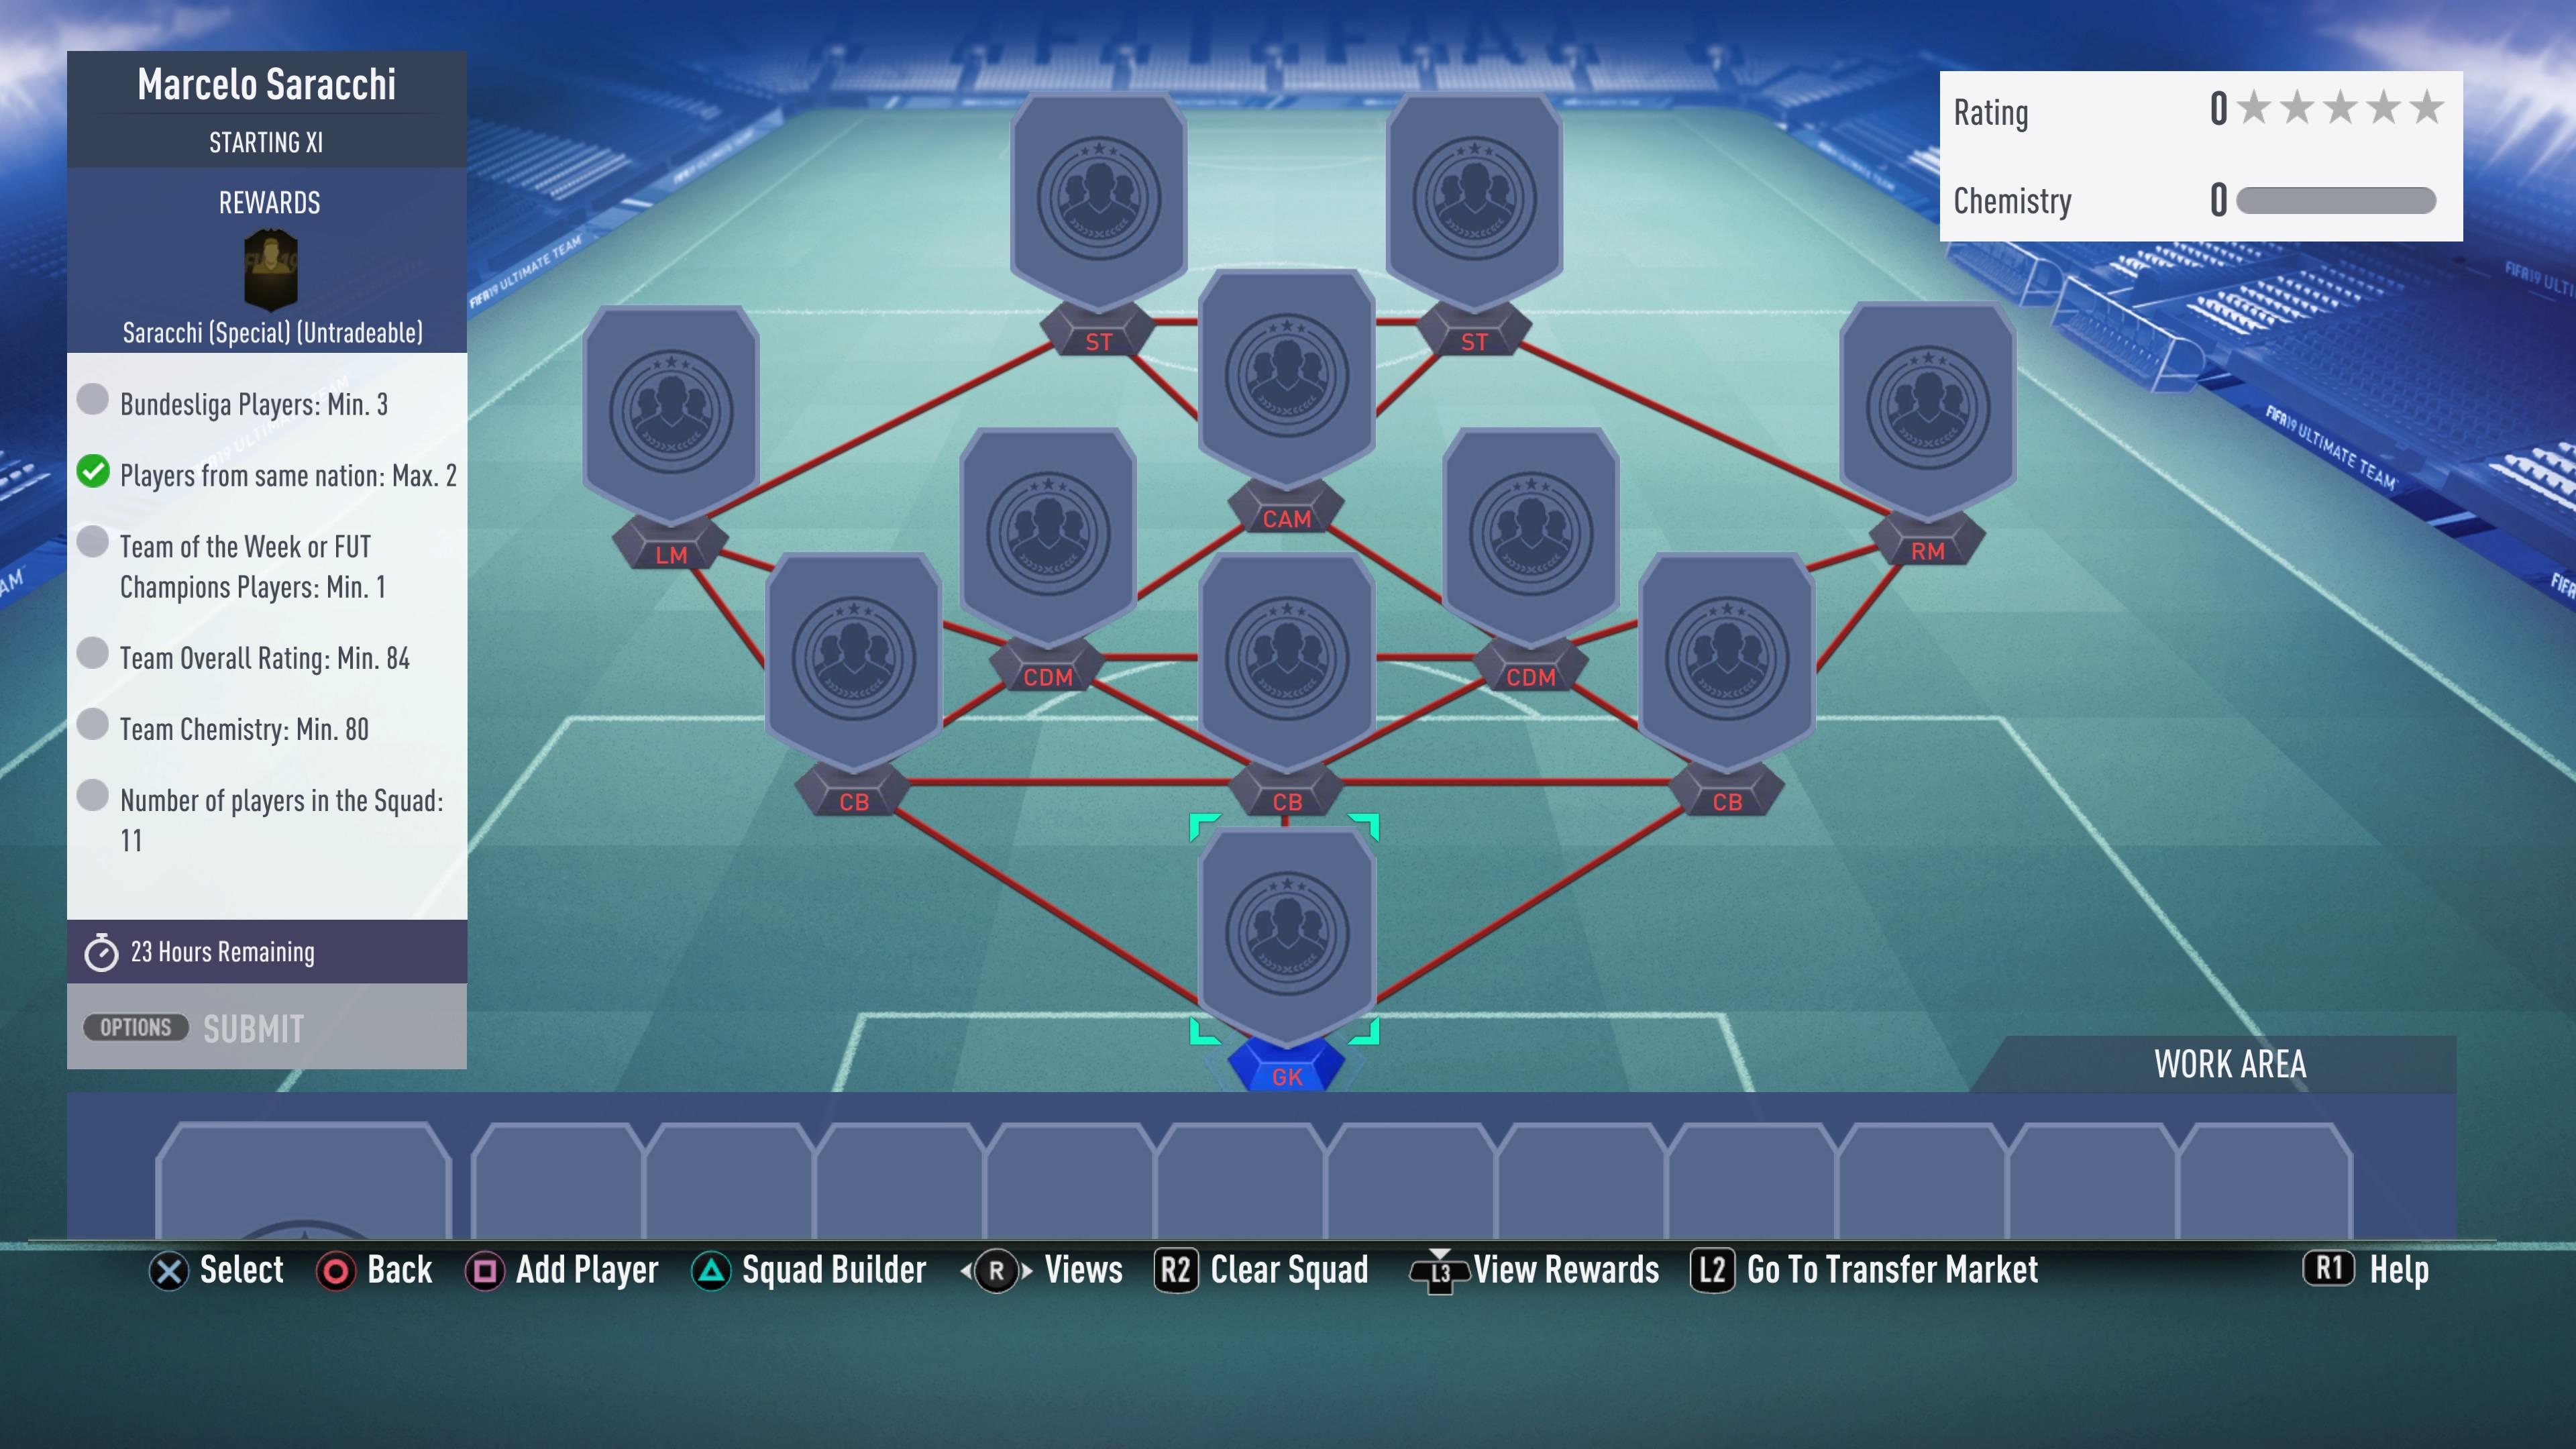 FIFA 19, saracchi futmas sbc